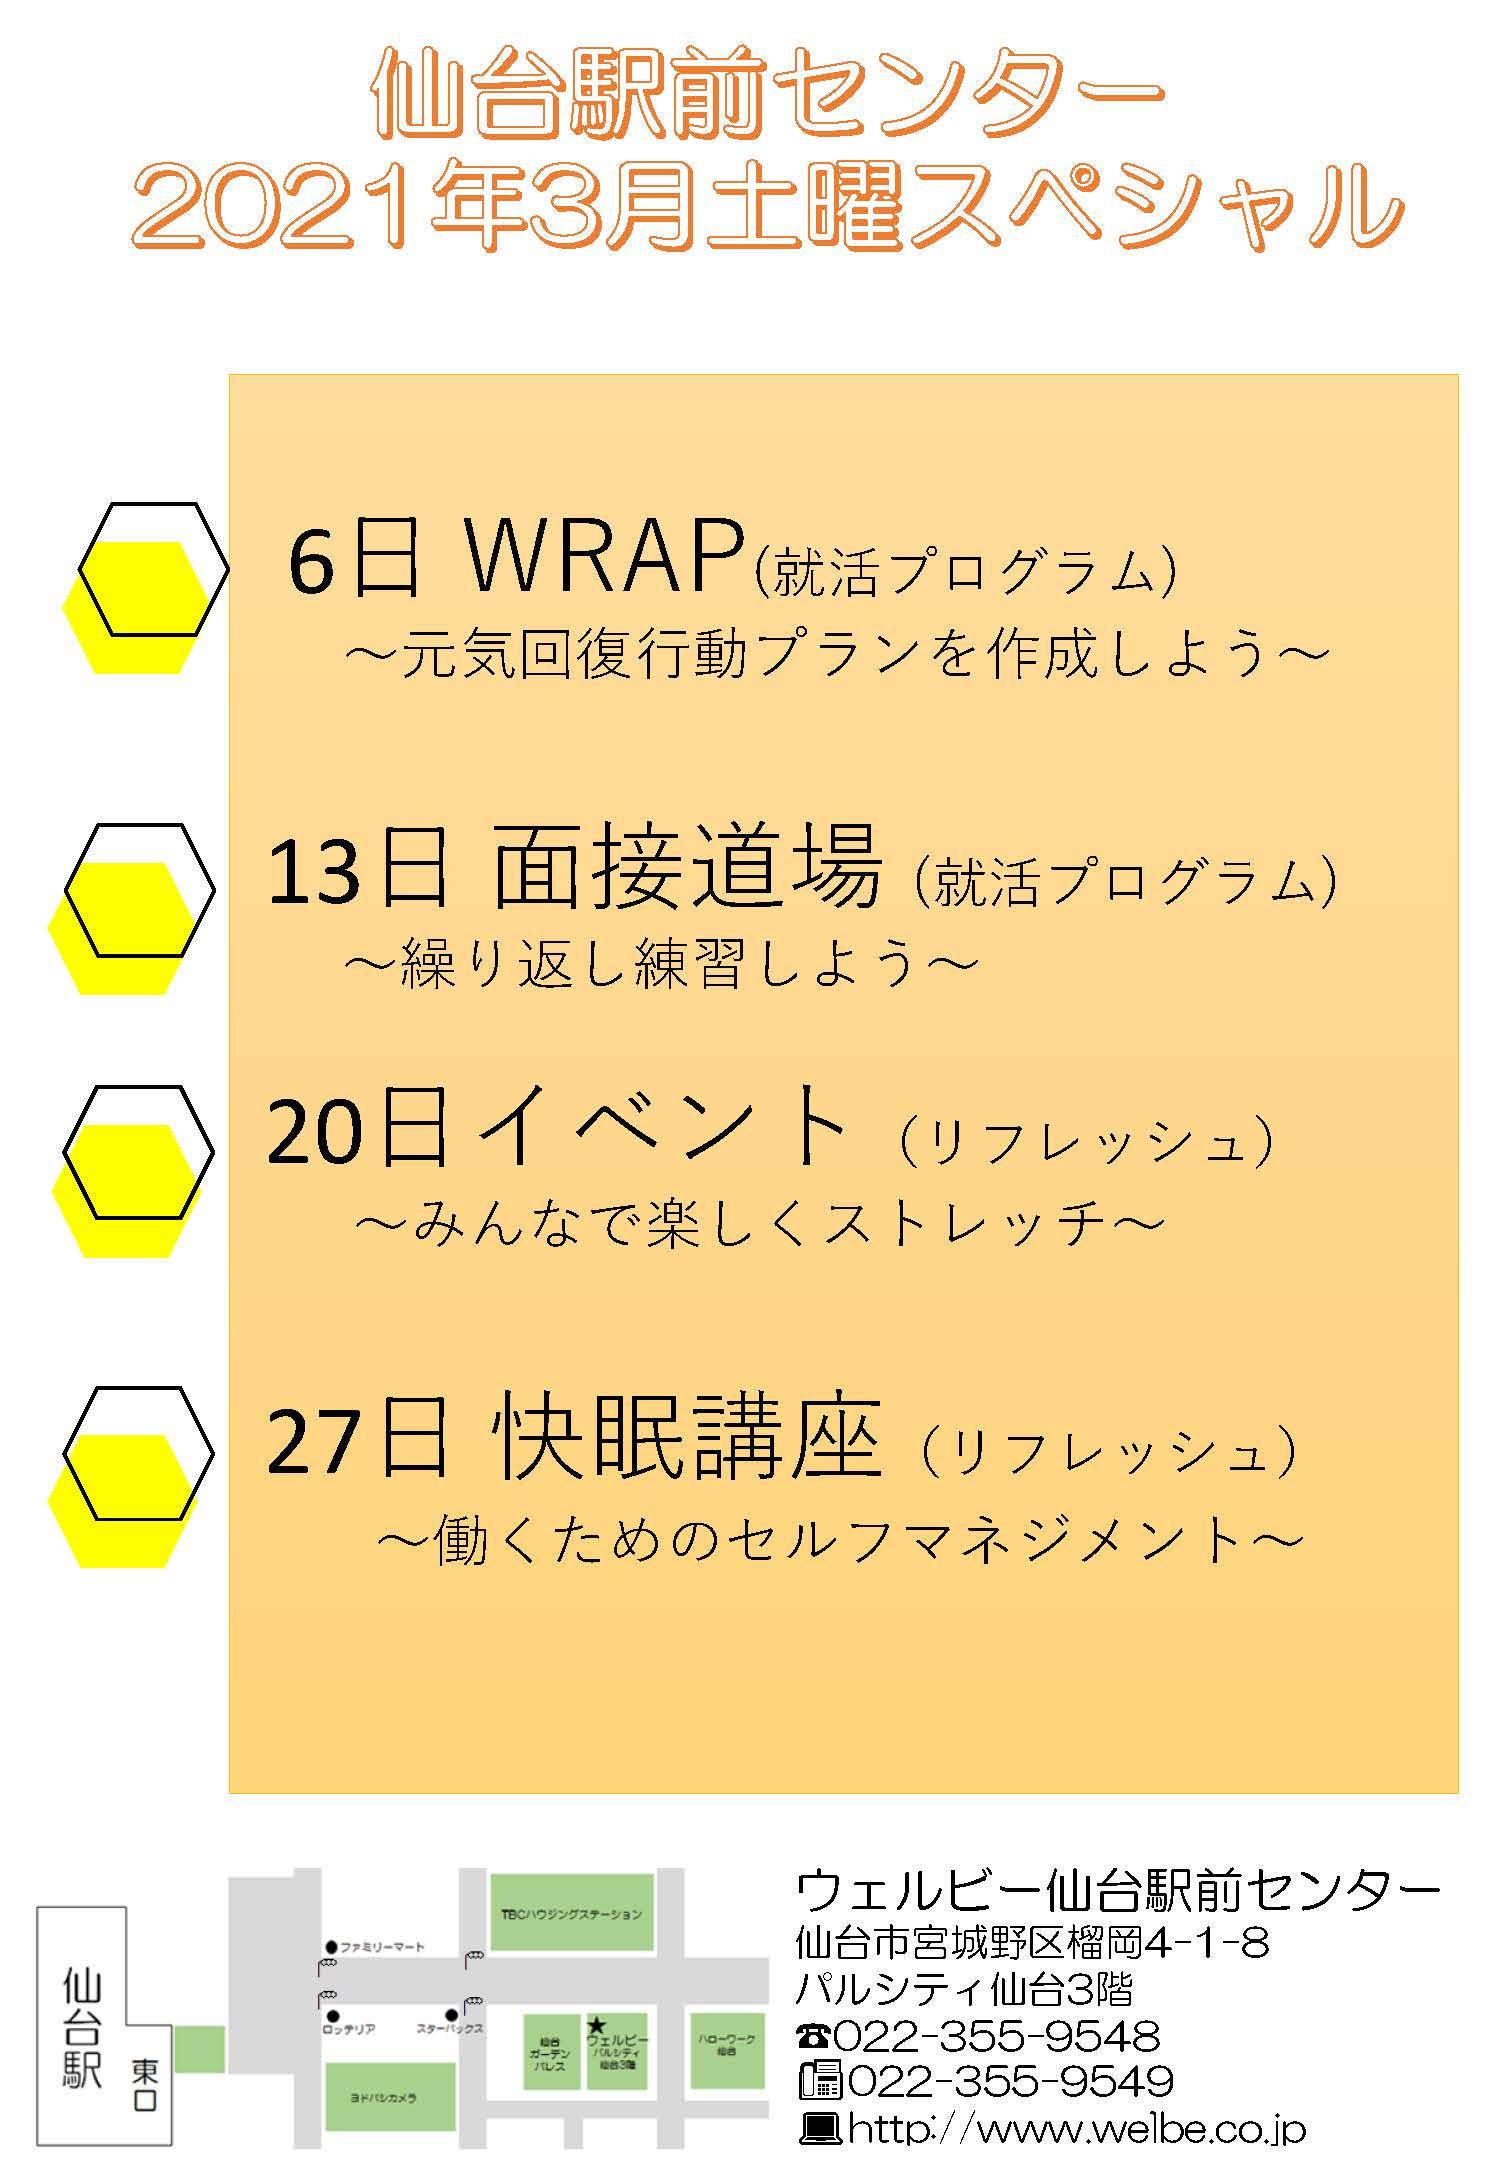 仙台駅前センター202103_土曜スペシャル+